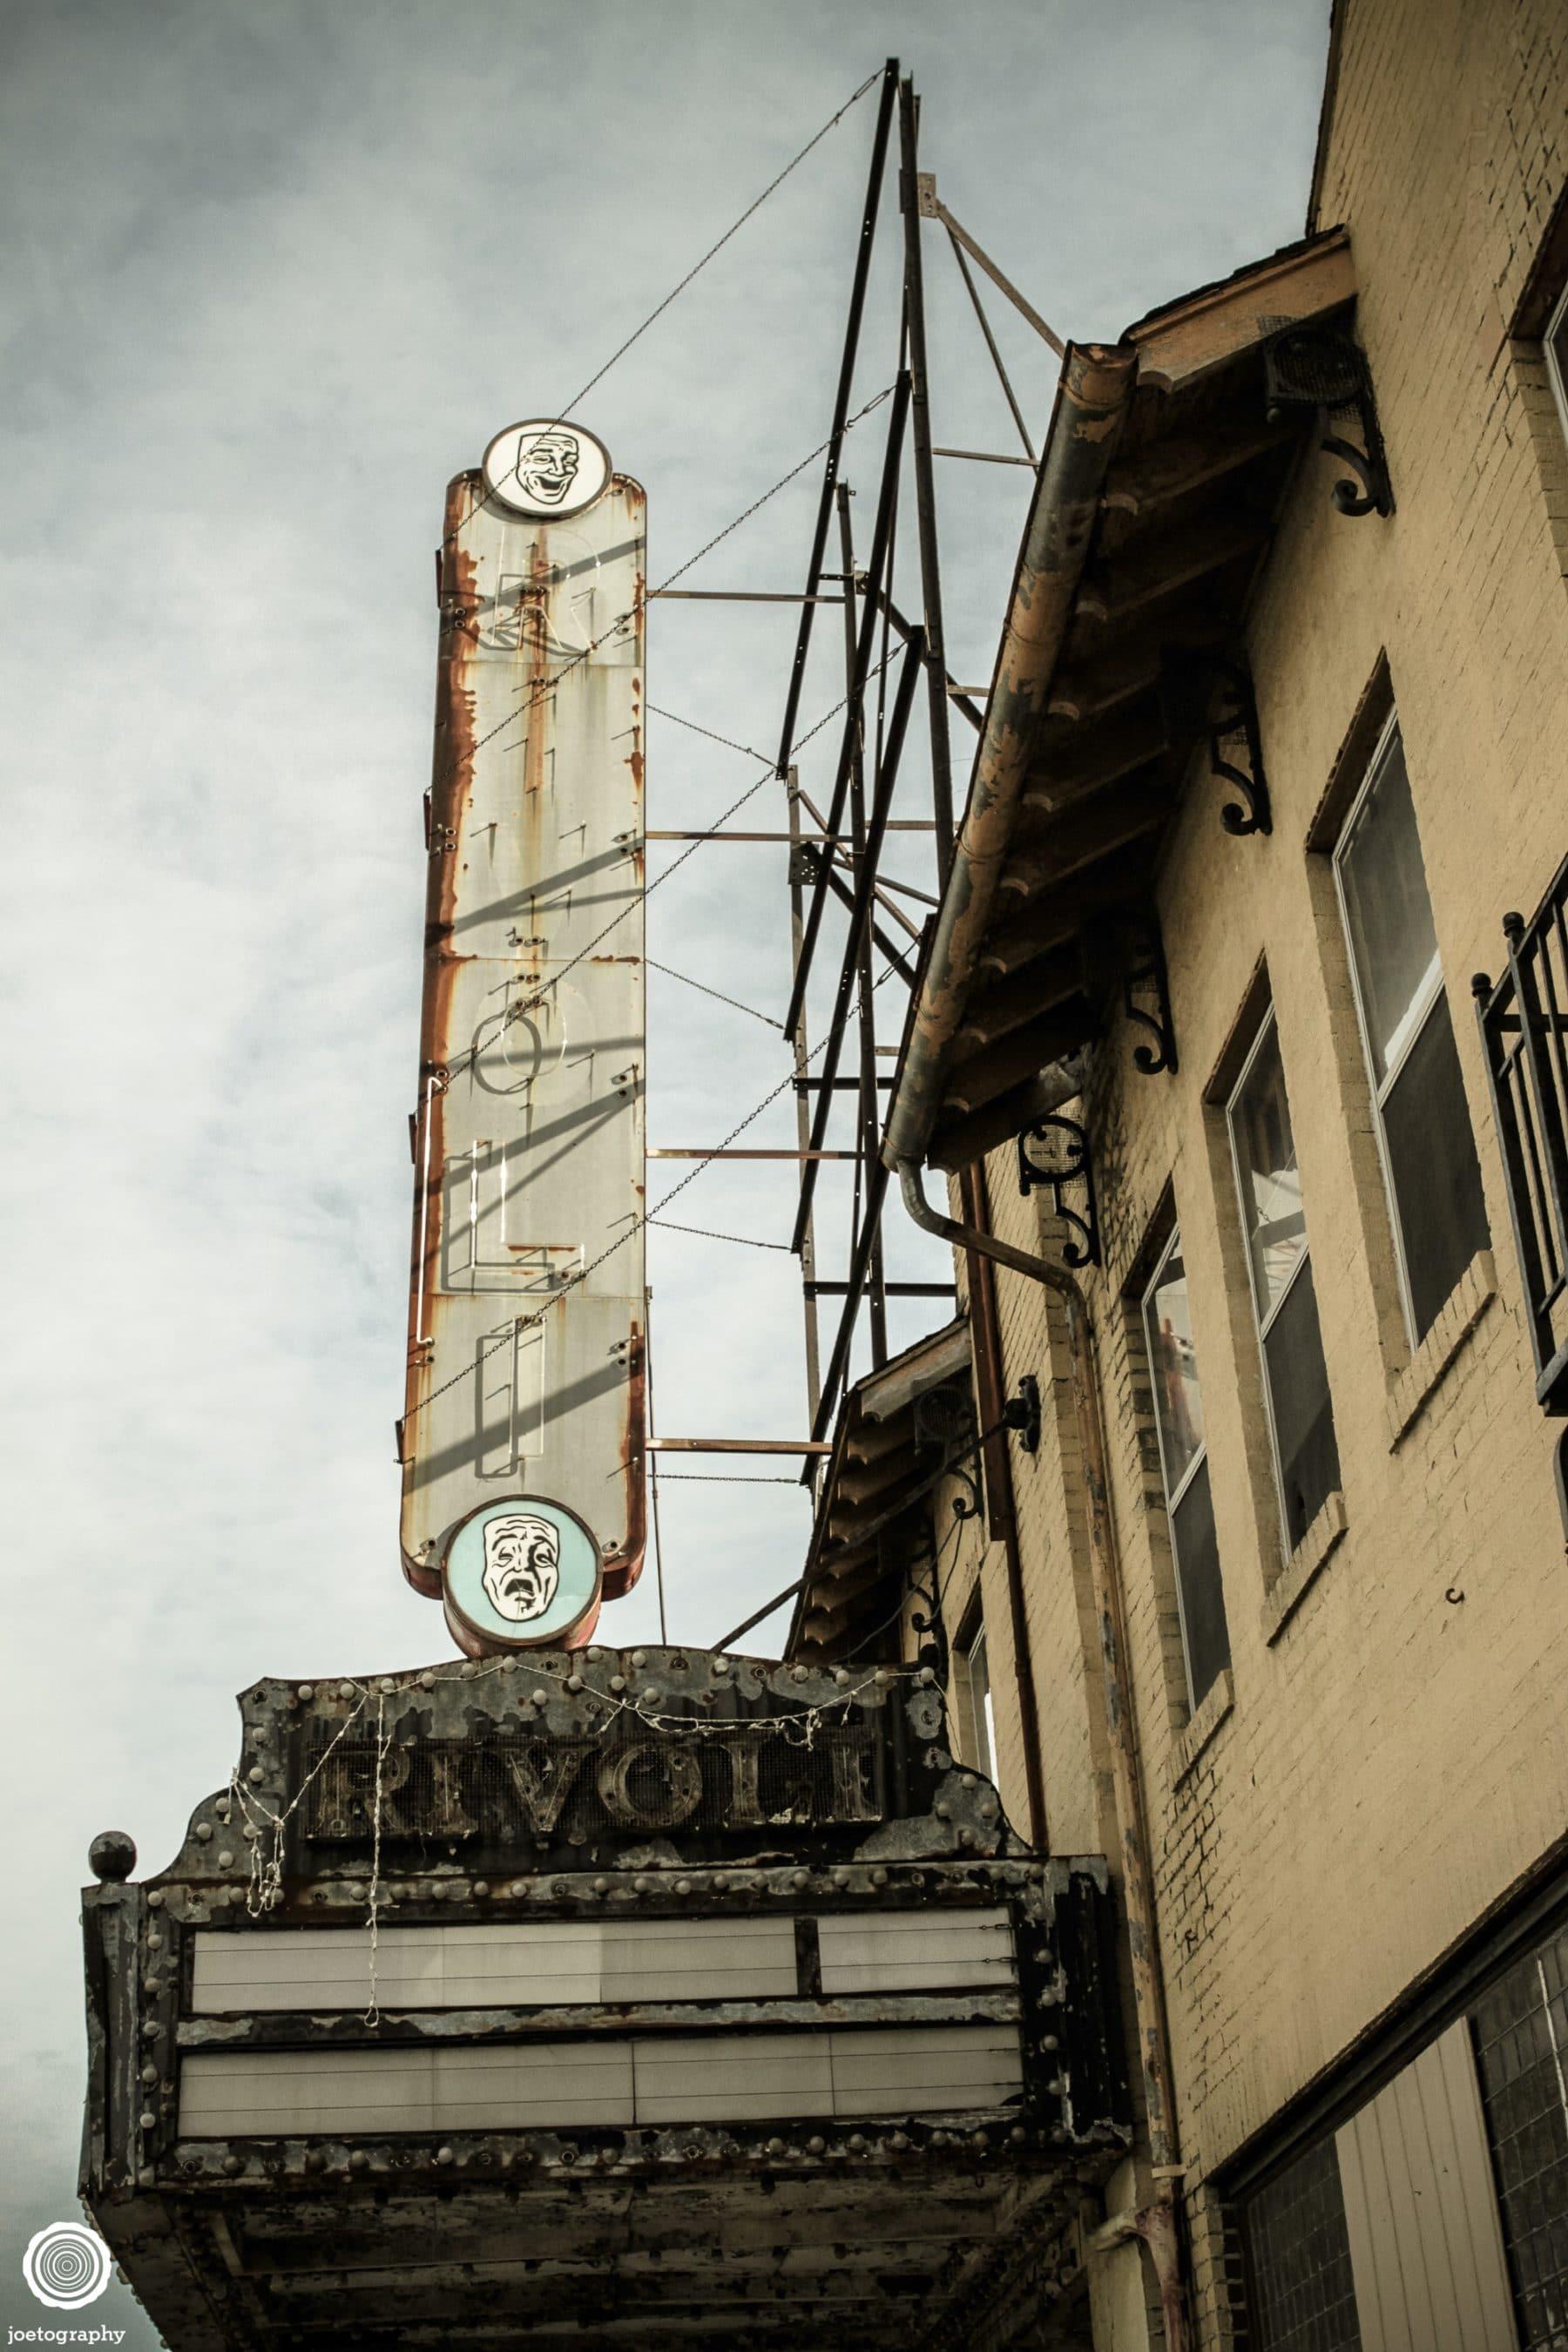 Rivoli-Theatre-Architecture-Photography-Indianapolis-1